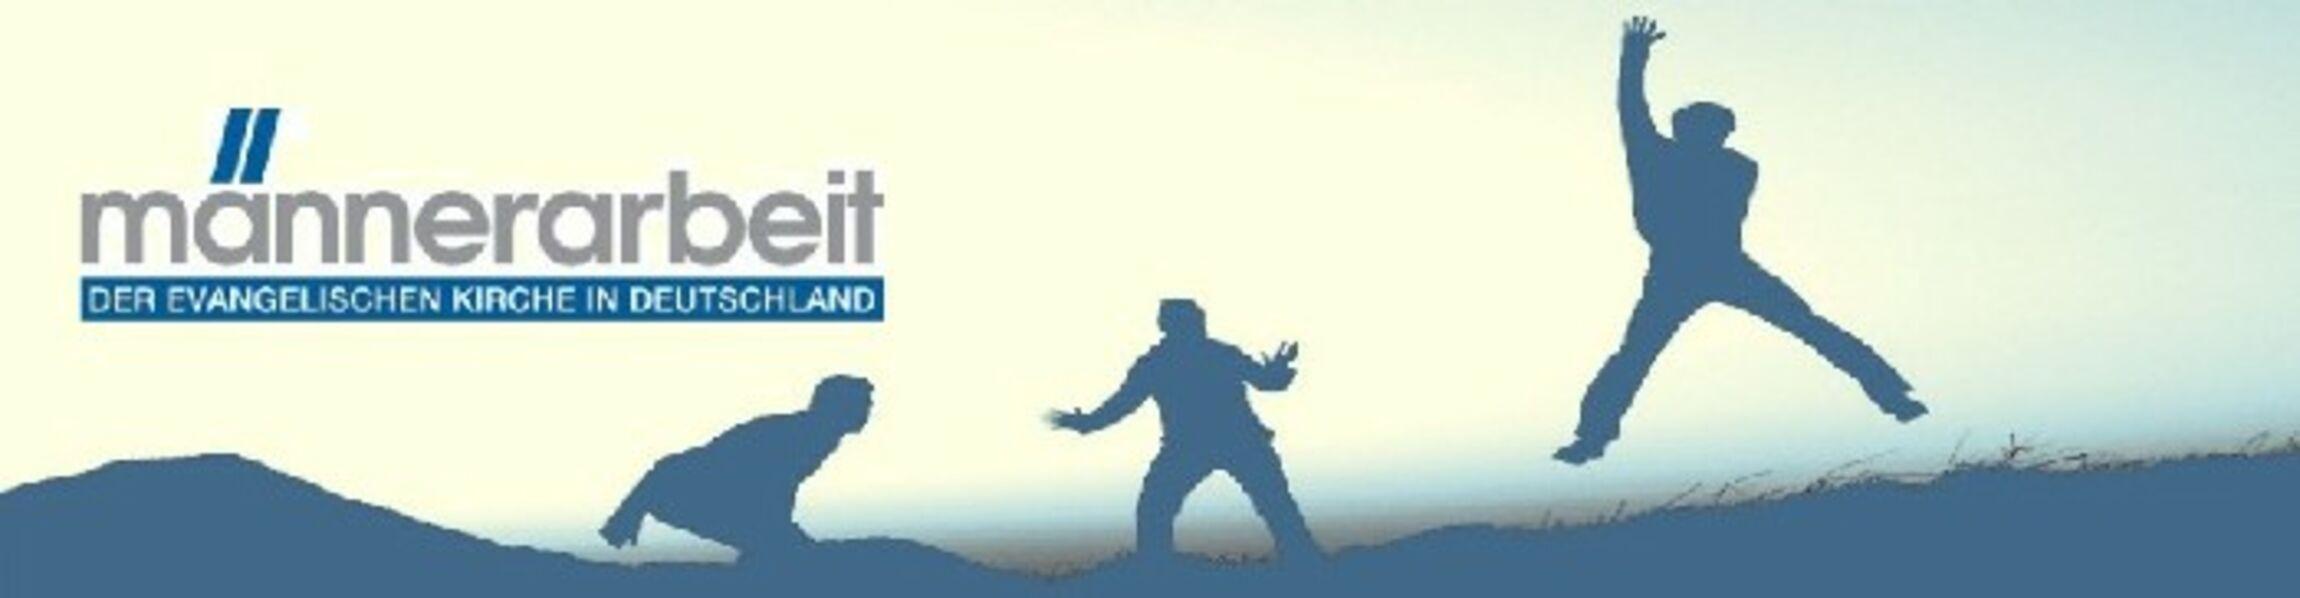 Männerarbeit_Logo